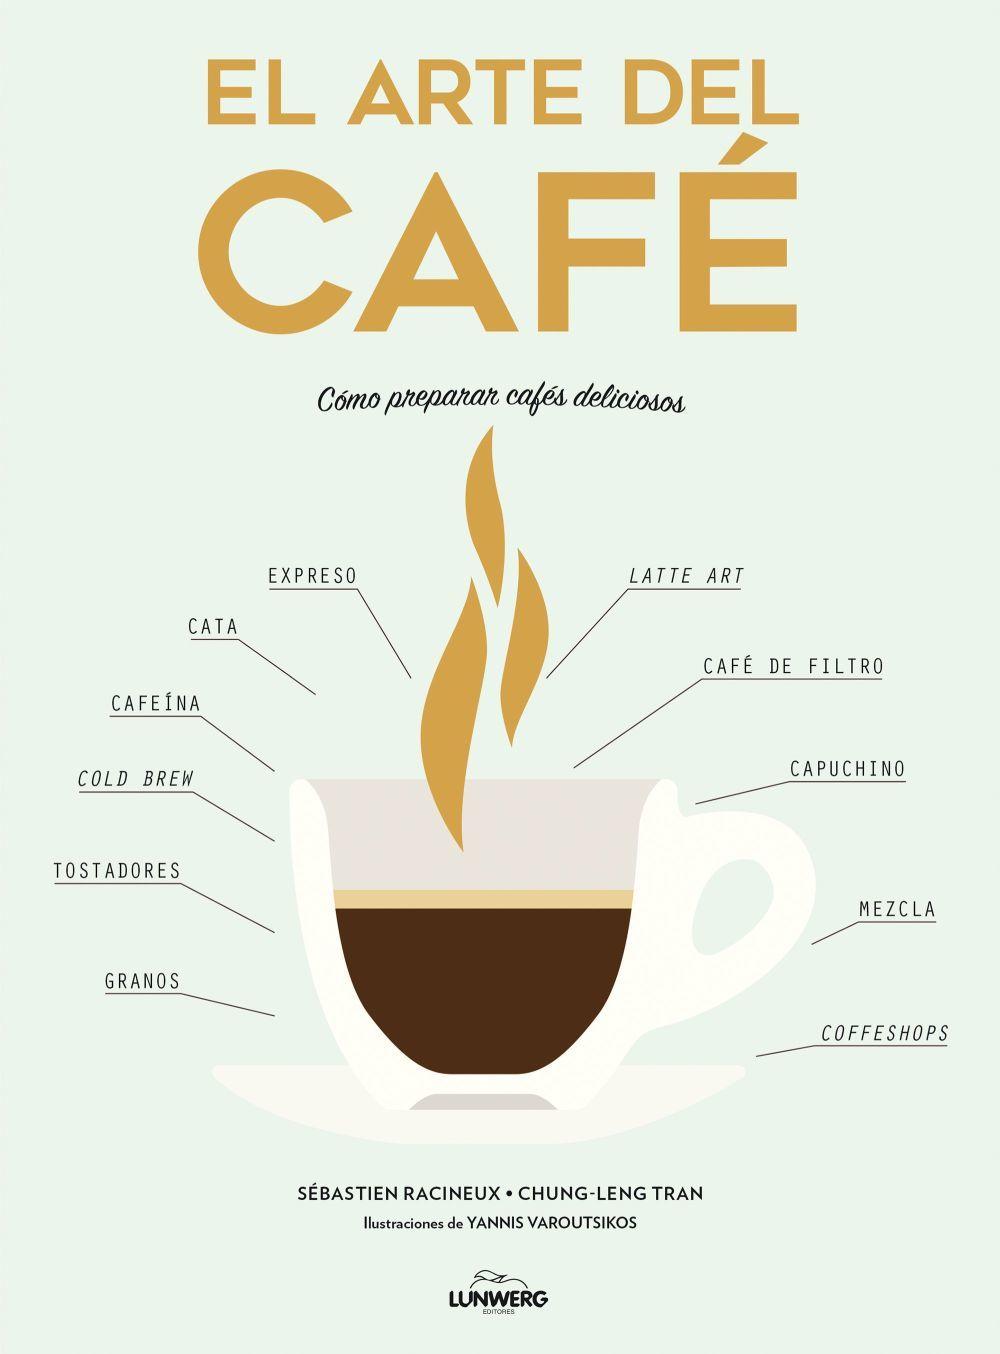 Estás ante un auténtico manual para los más cafeteros. Un libro...